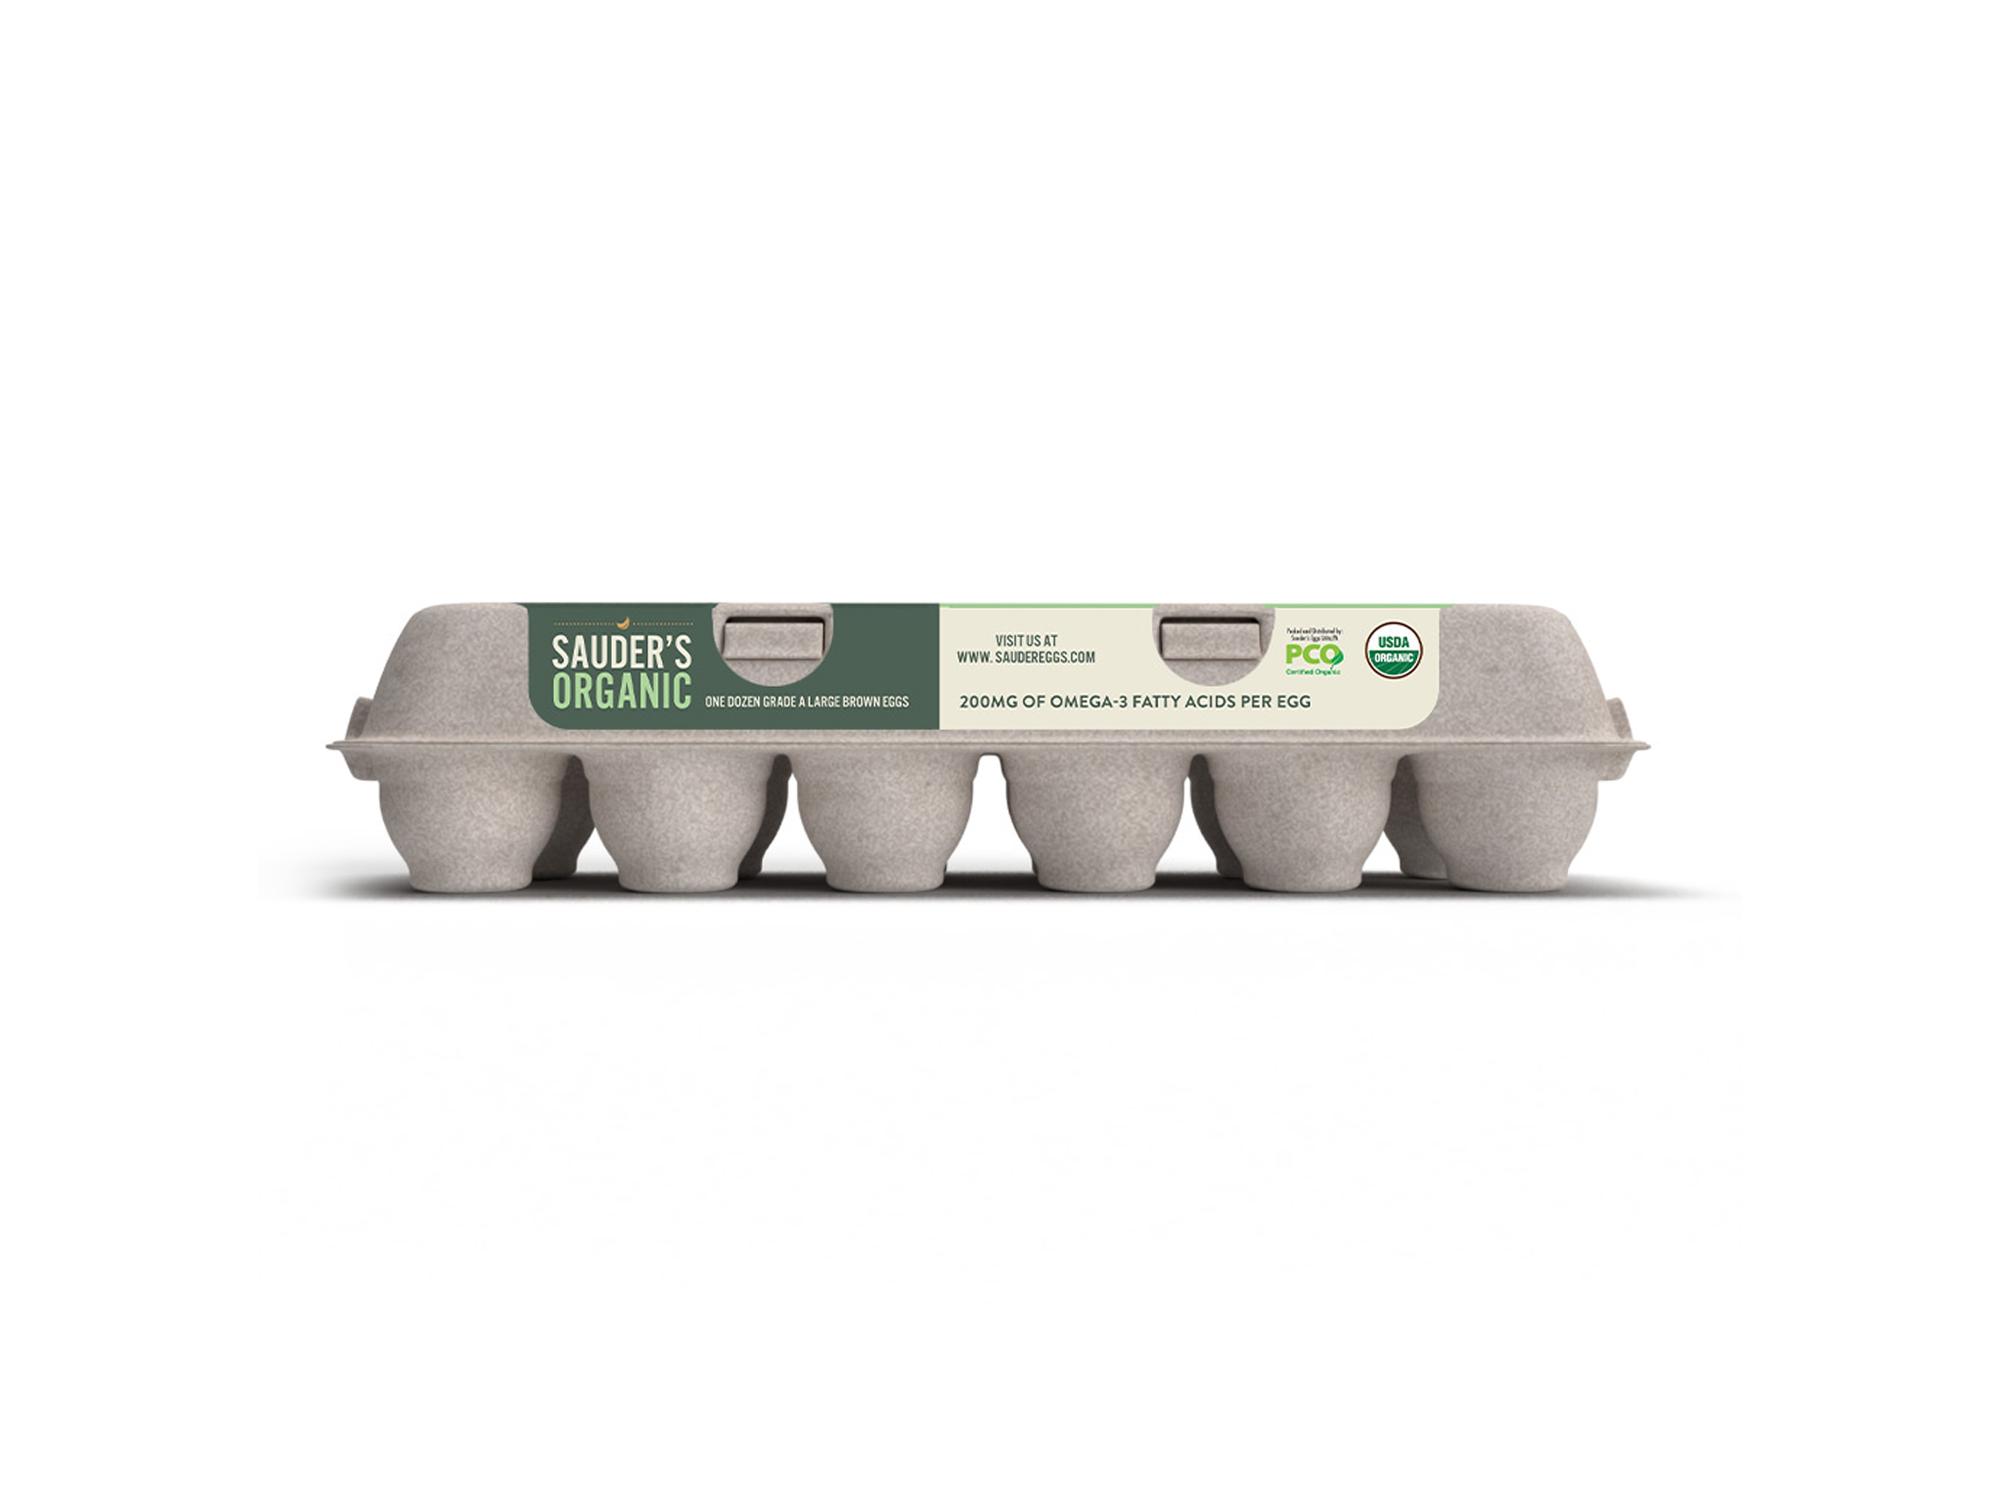 sauders-organic-carton2